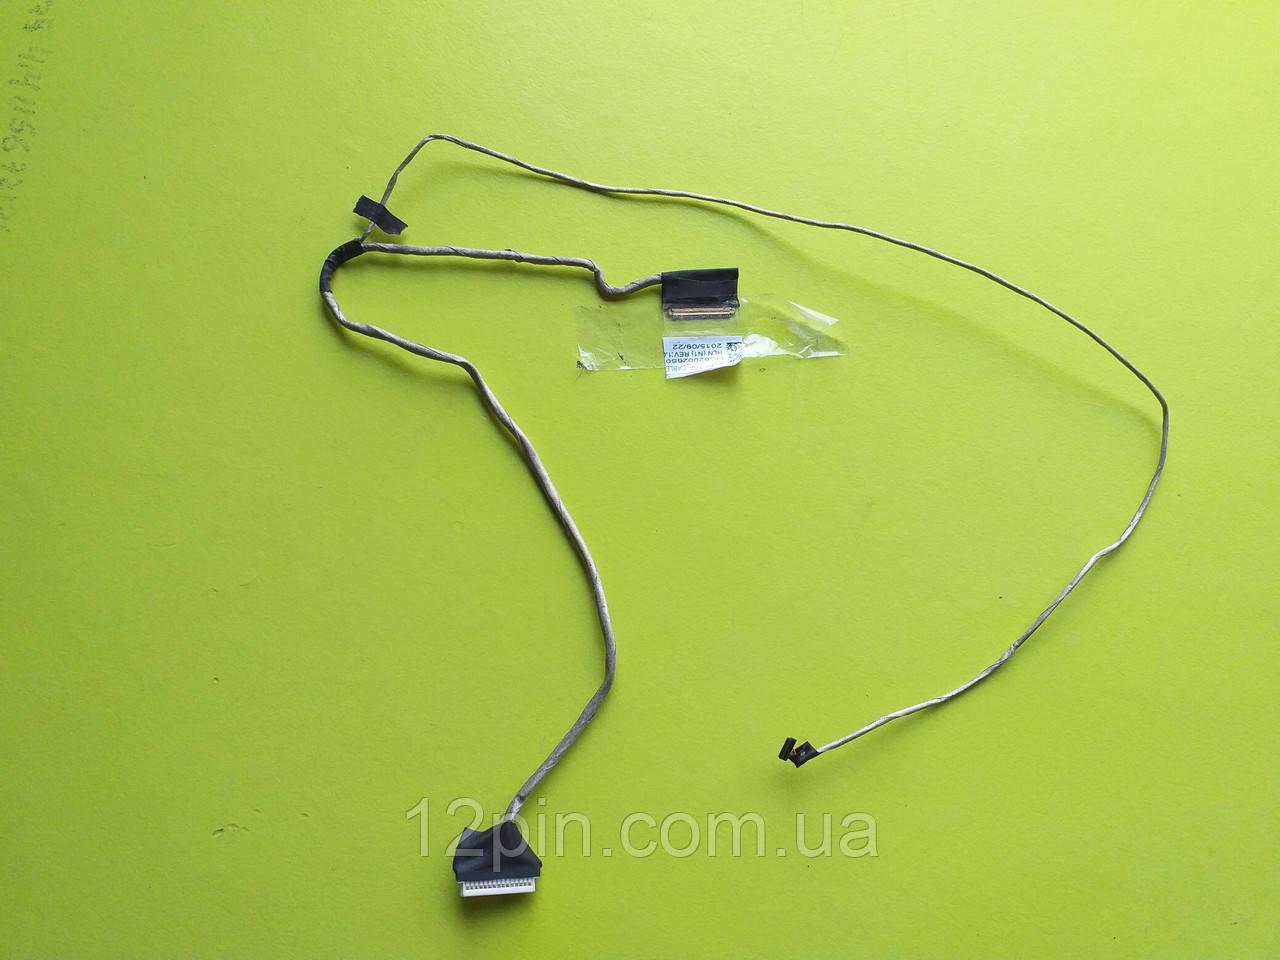 Шлейф матрицы  Lenovo ideapad 100-14 iby б/у оригинал